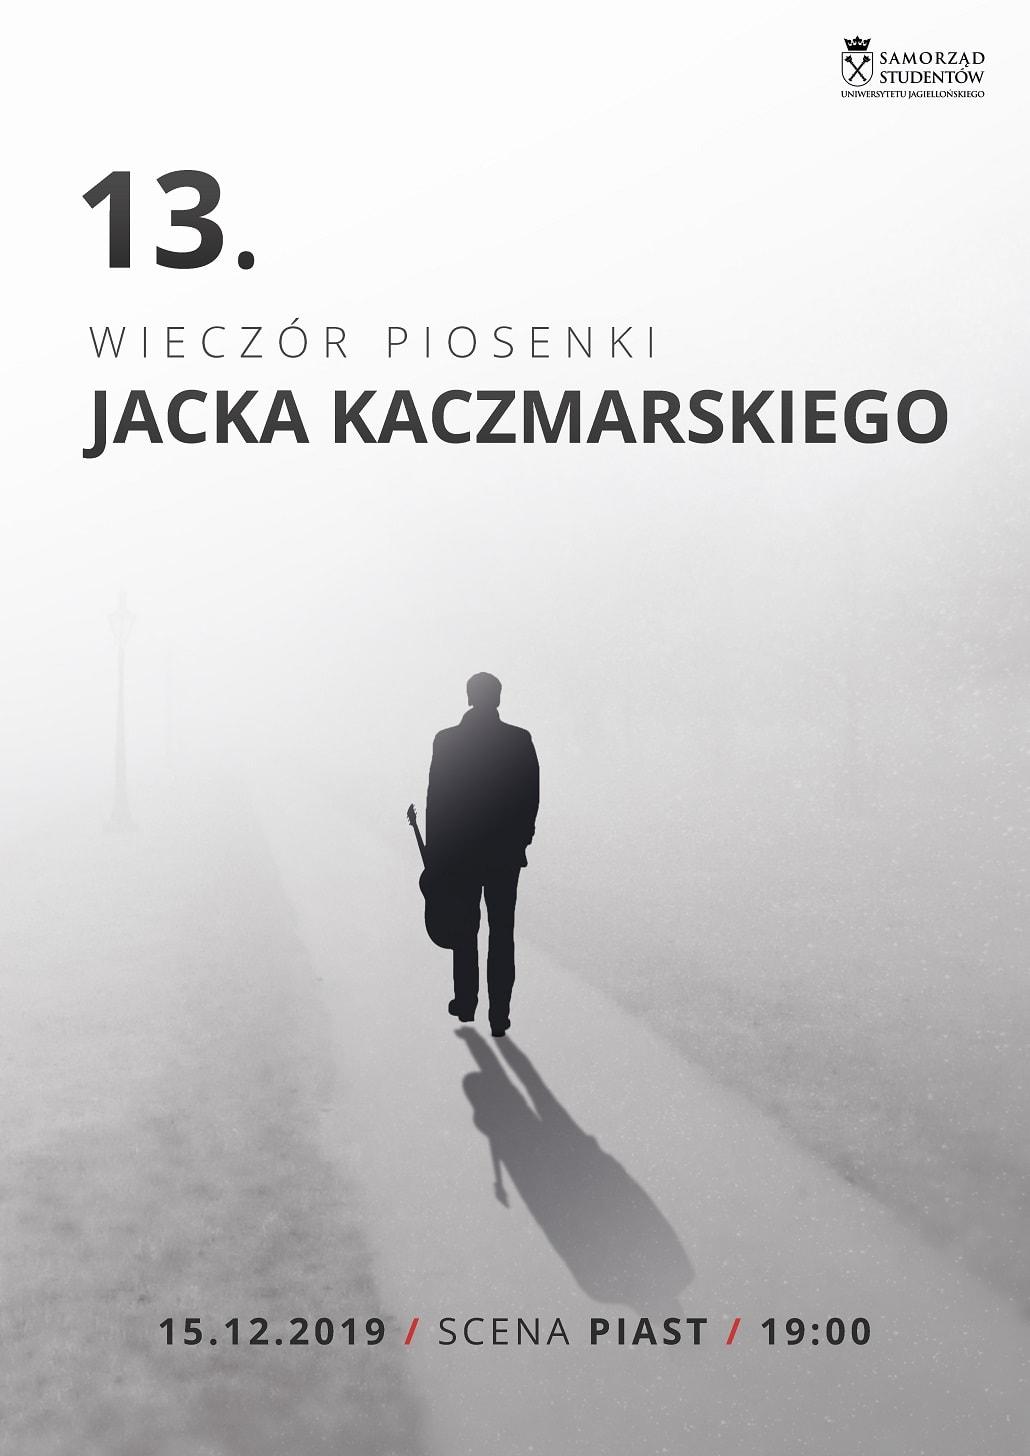 Wieczór Piosenki Jacka Kaczmarskiego 2019 plakat